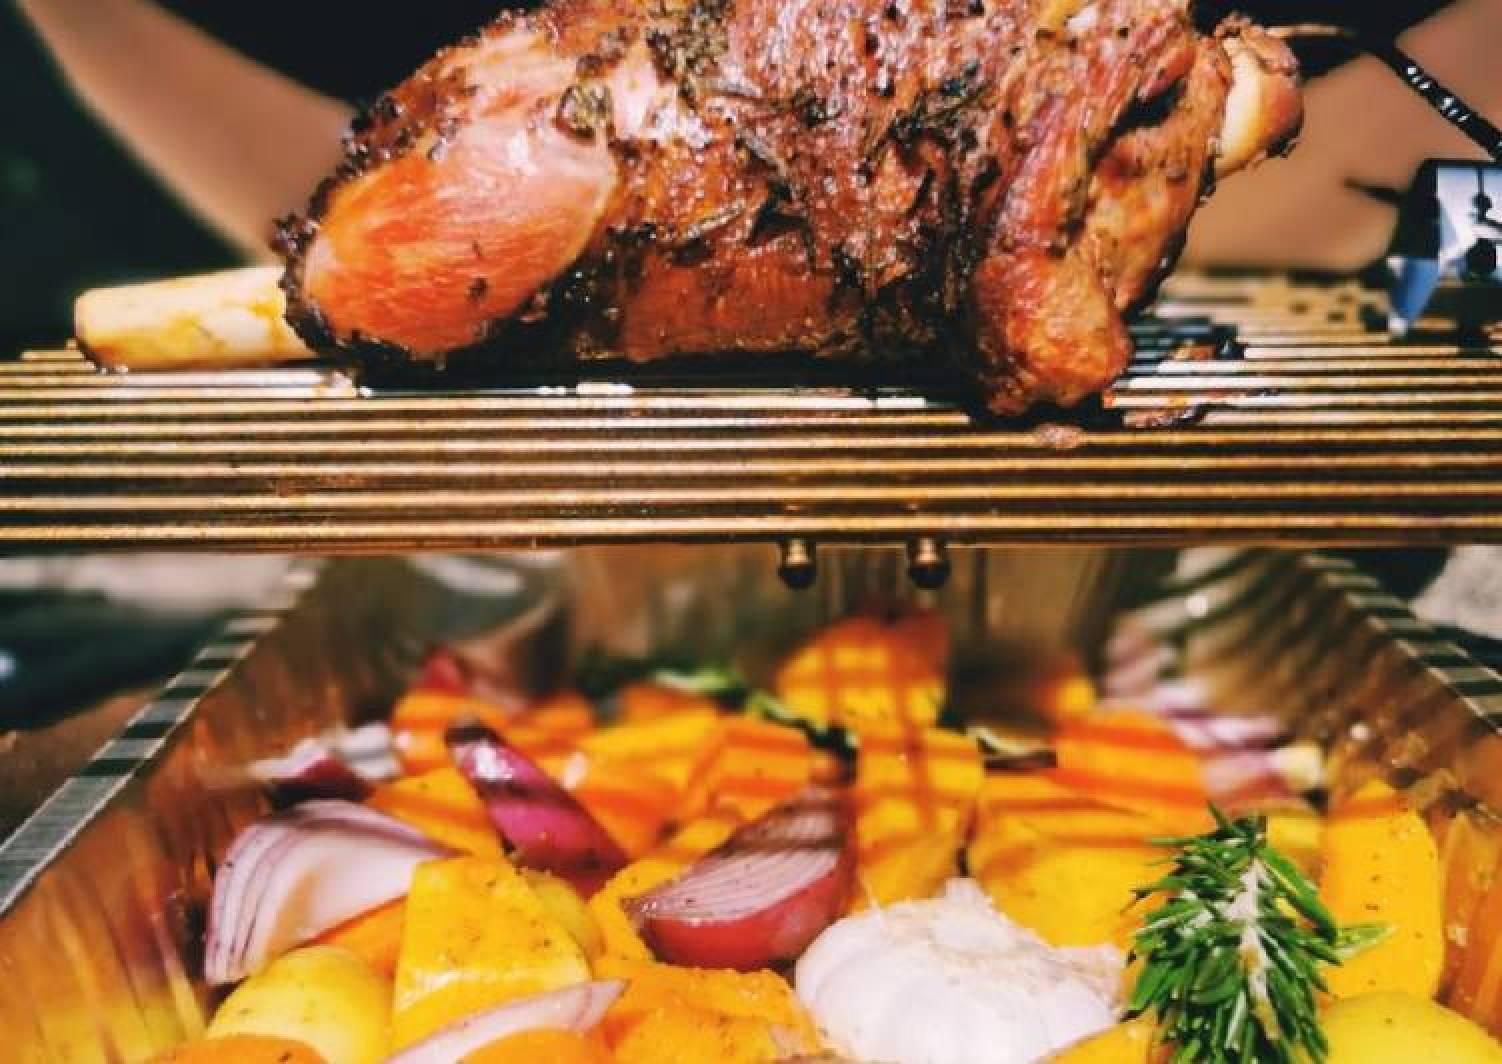 BBQ Drip pan roasted veg